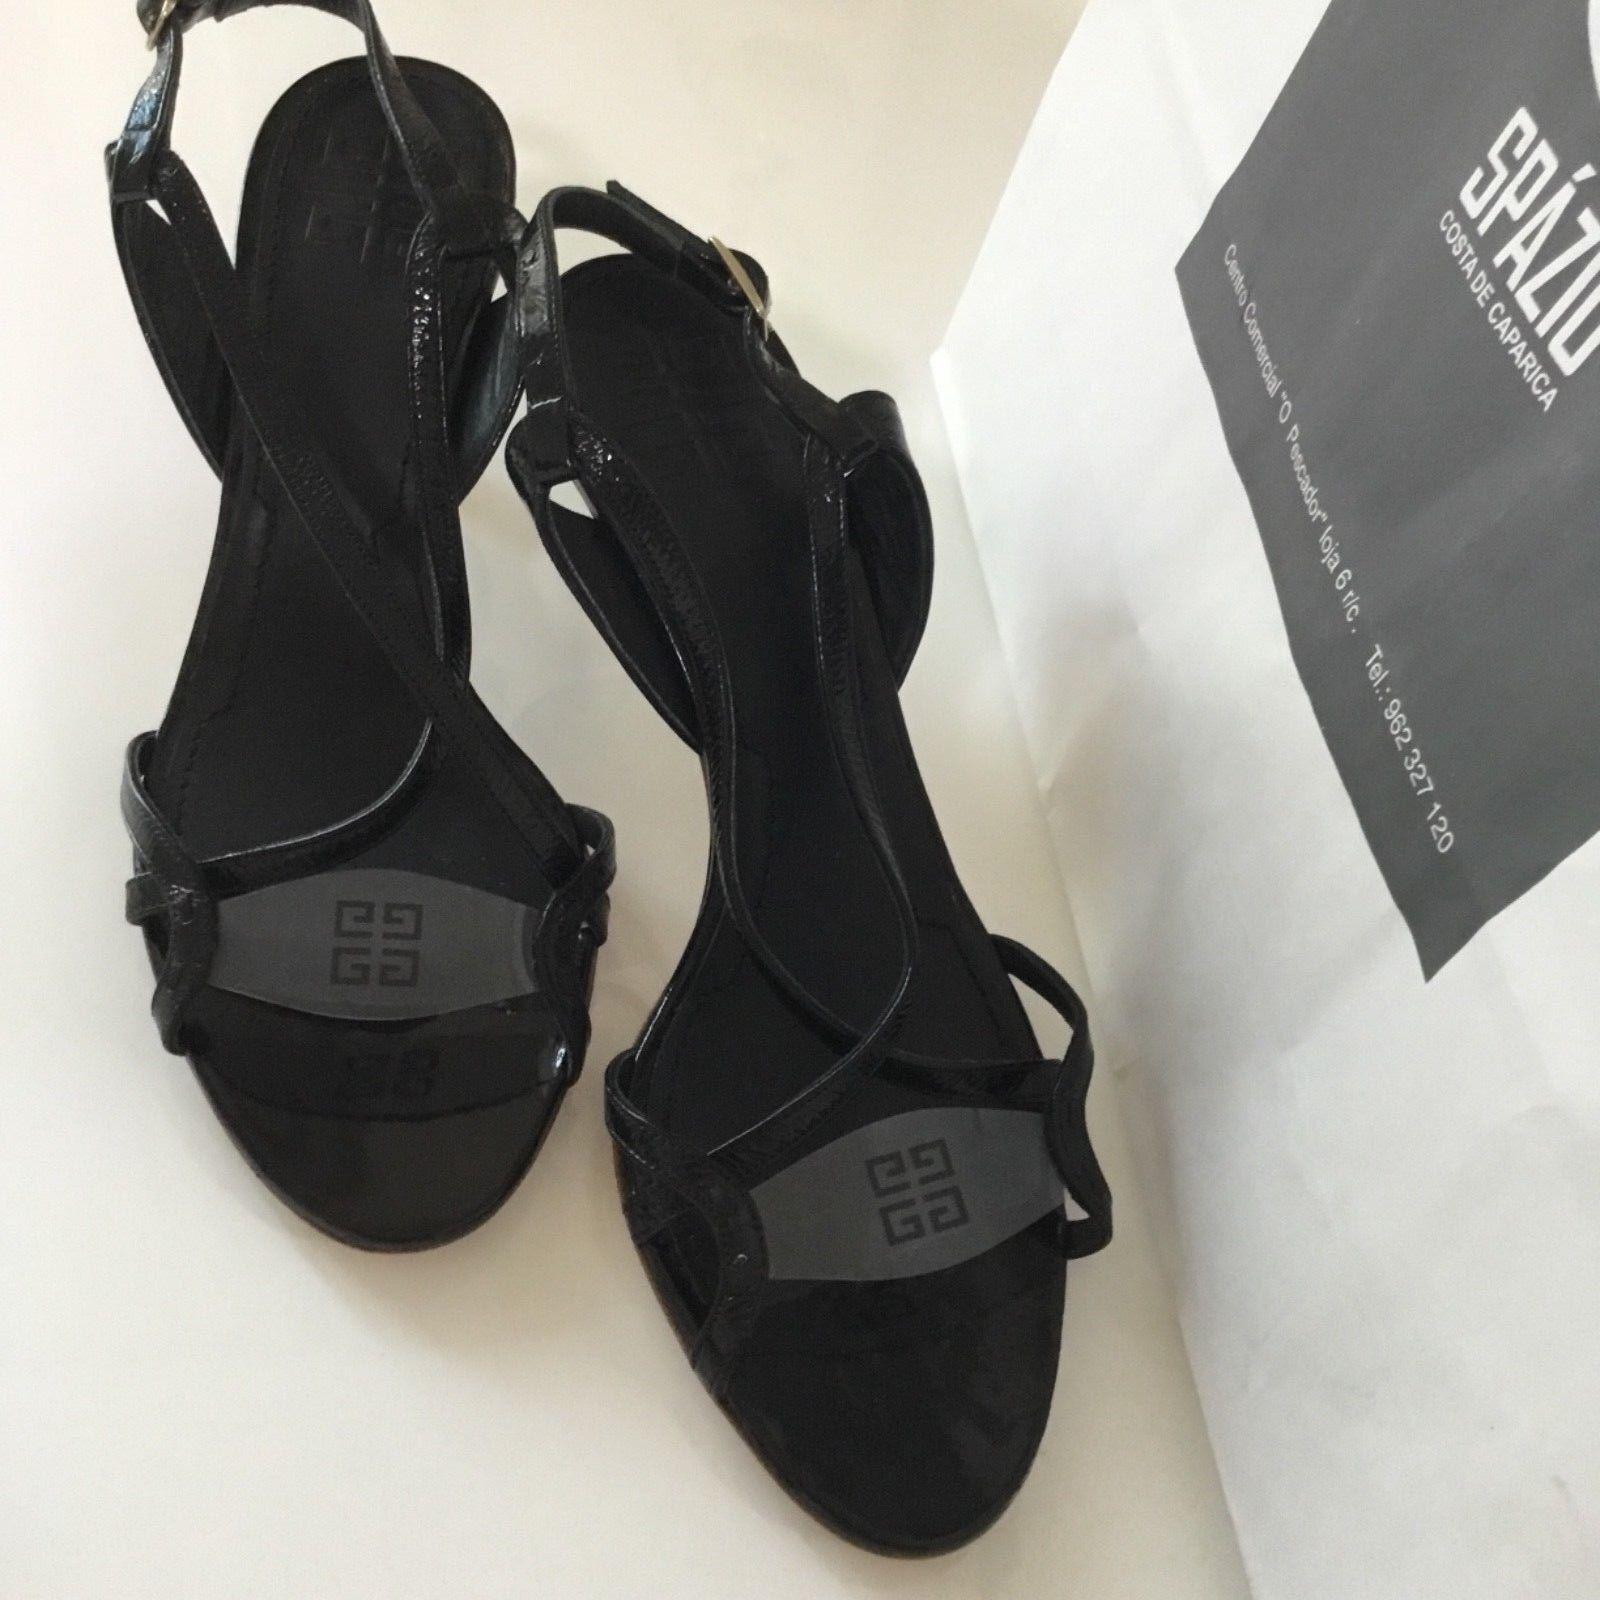 Nuove fantastiche donne Givenchy  originali 65533;s scarpe sandali dimensioni 37 nero Italia  migliore qualità